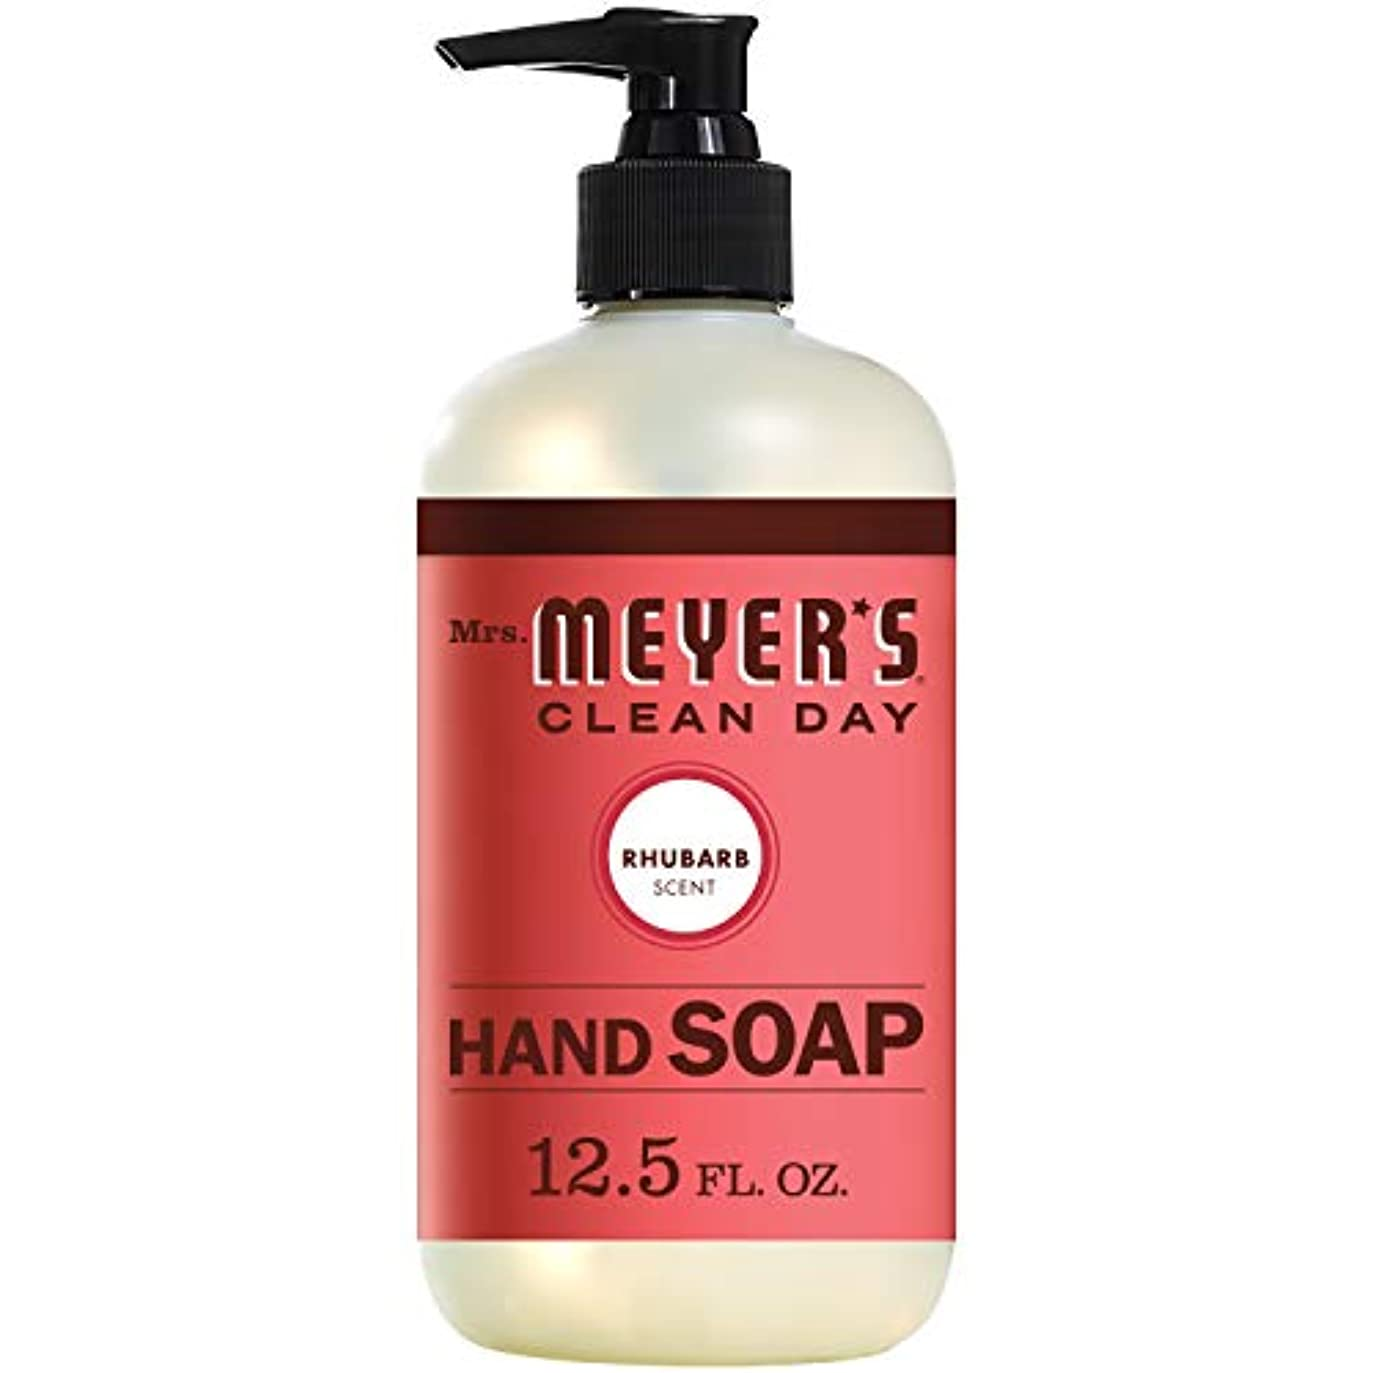 リベラル奴隷所属Mrs. Meyers Clean Day, Liquid Hand Soap, Rhubarb Scent, 12.5 fl oz (370 ml)